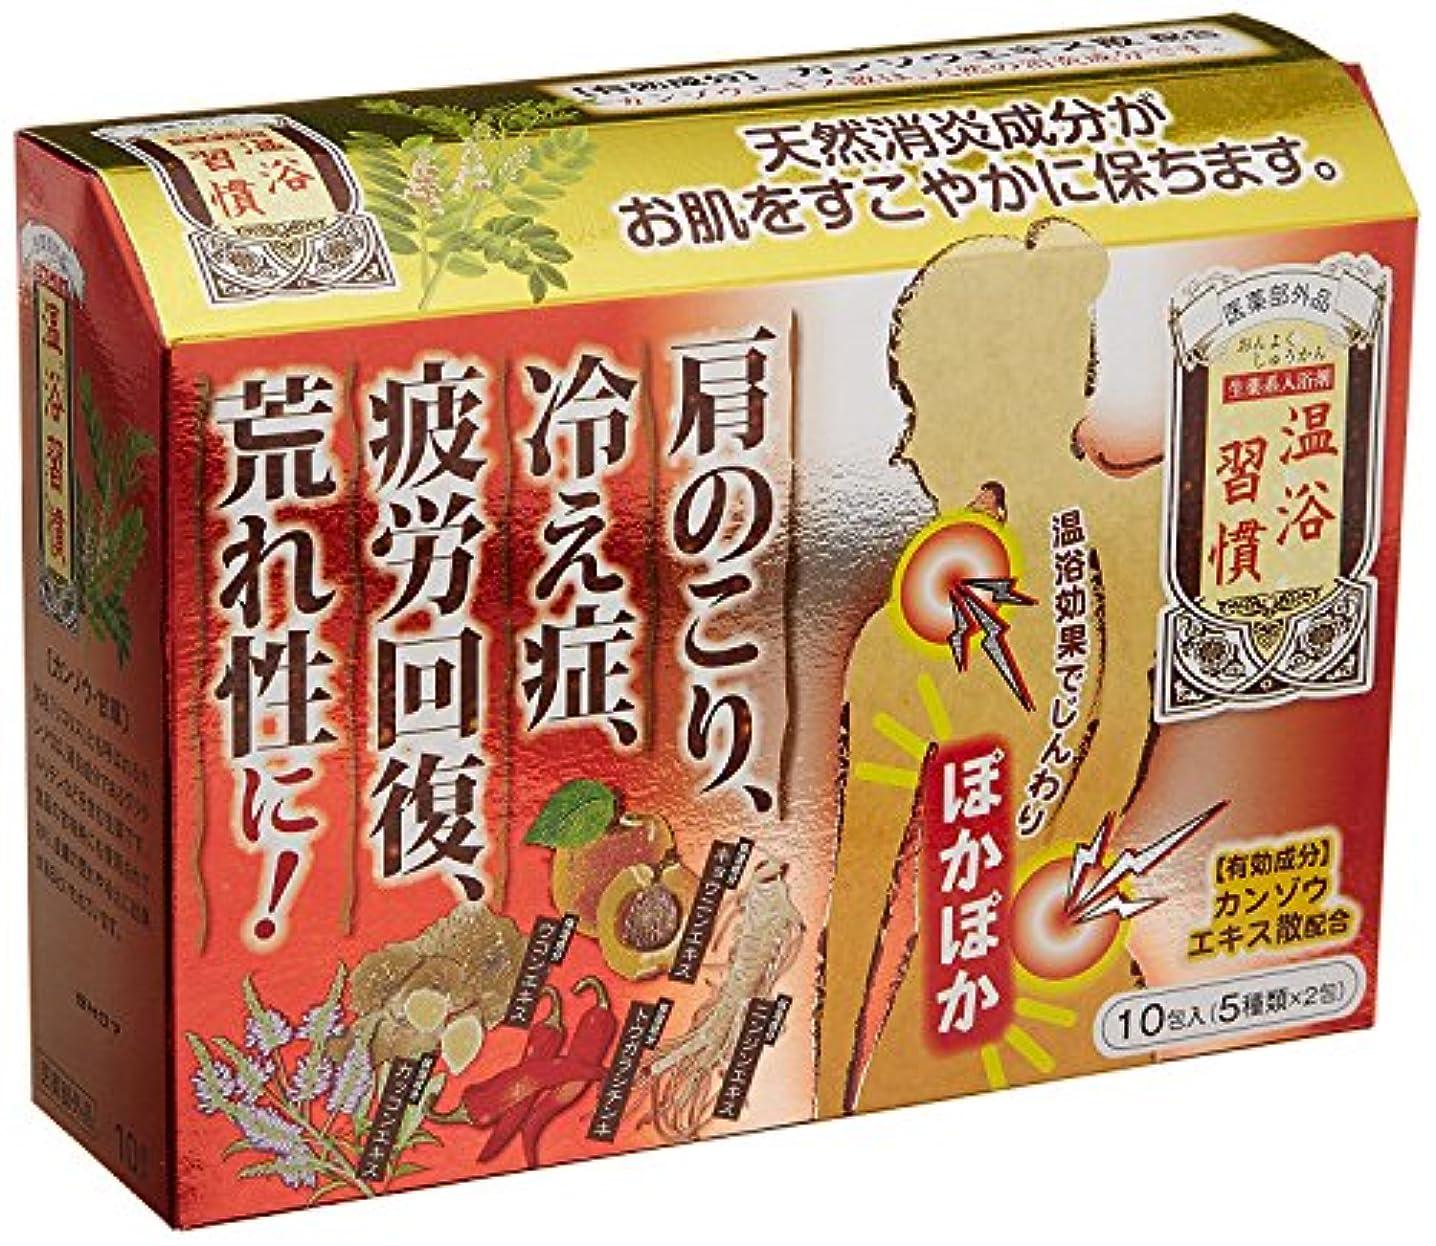 したがって格差のヒープ薬用入浴剤 温浴習慣 10包入 30g×10包 (医薬部外品) 【4点セット】